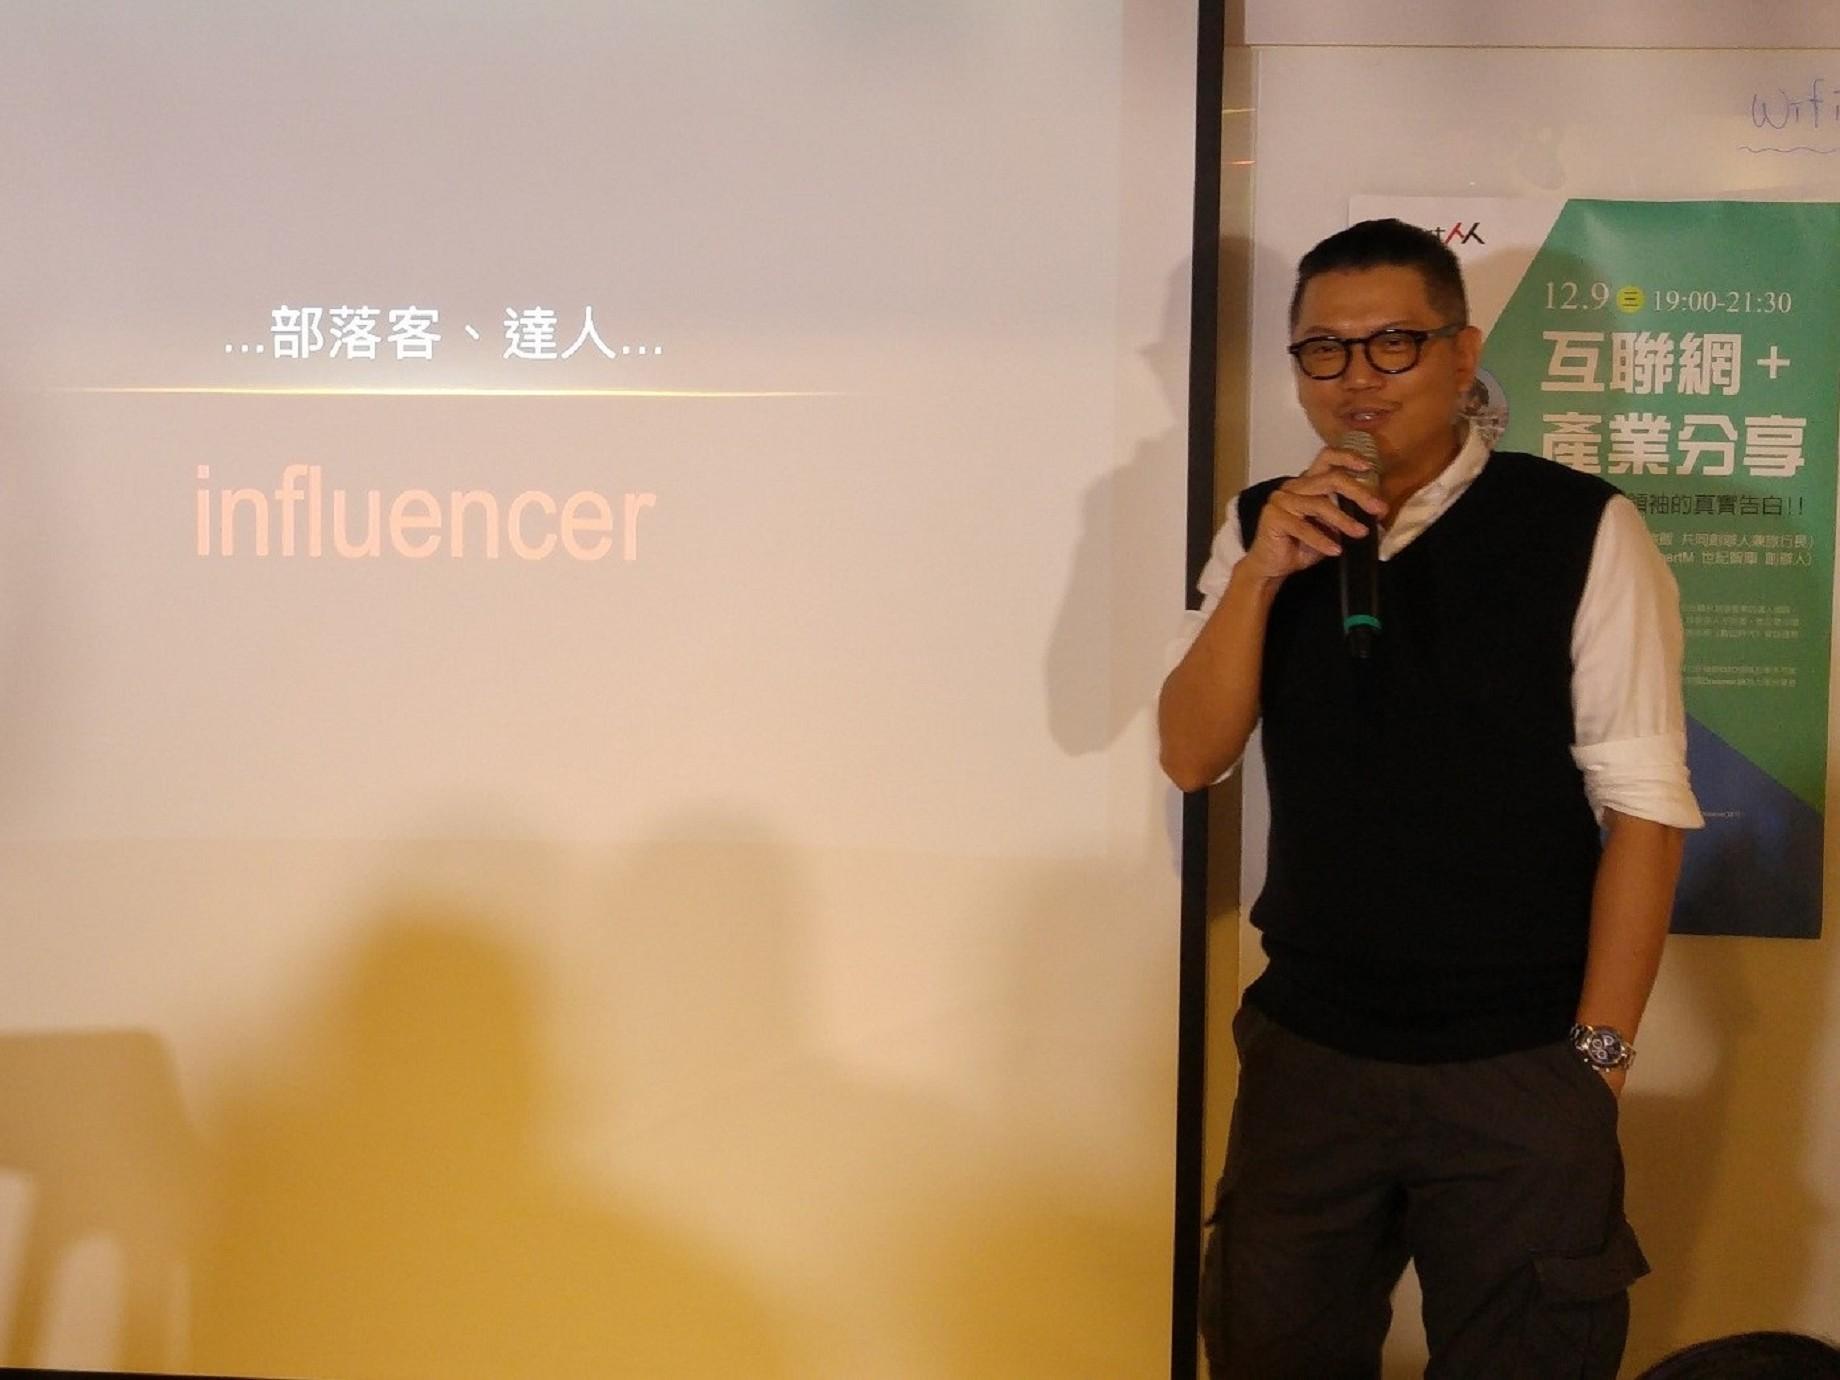 【SmartM互聯網+旅遊】旅飯旅行長工頭堅: 台灣旅遊業的網路行銷還有很多缺口,這些都是機會